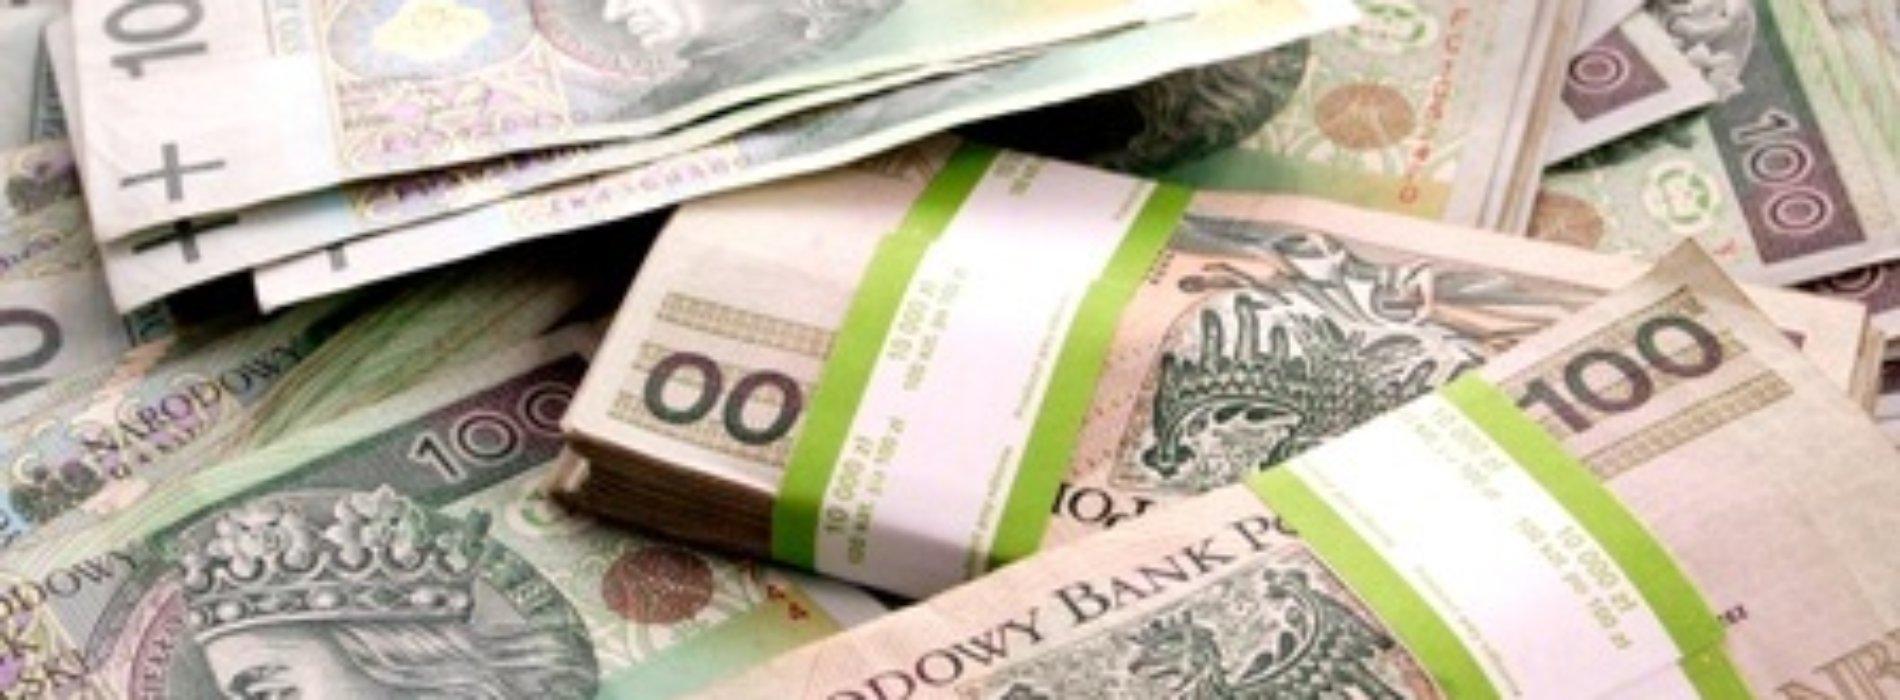 56-latka uwierzyła oszustom i straciła blisko 100 tys. złotych